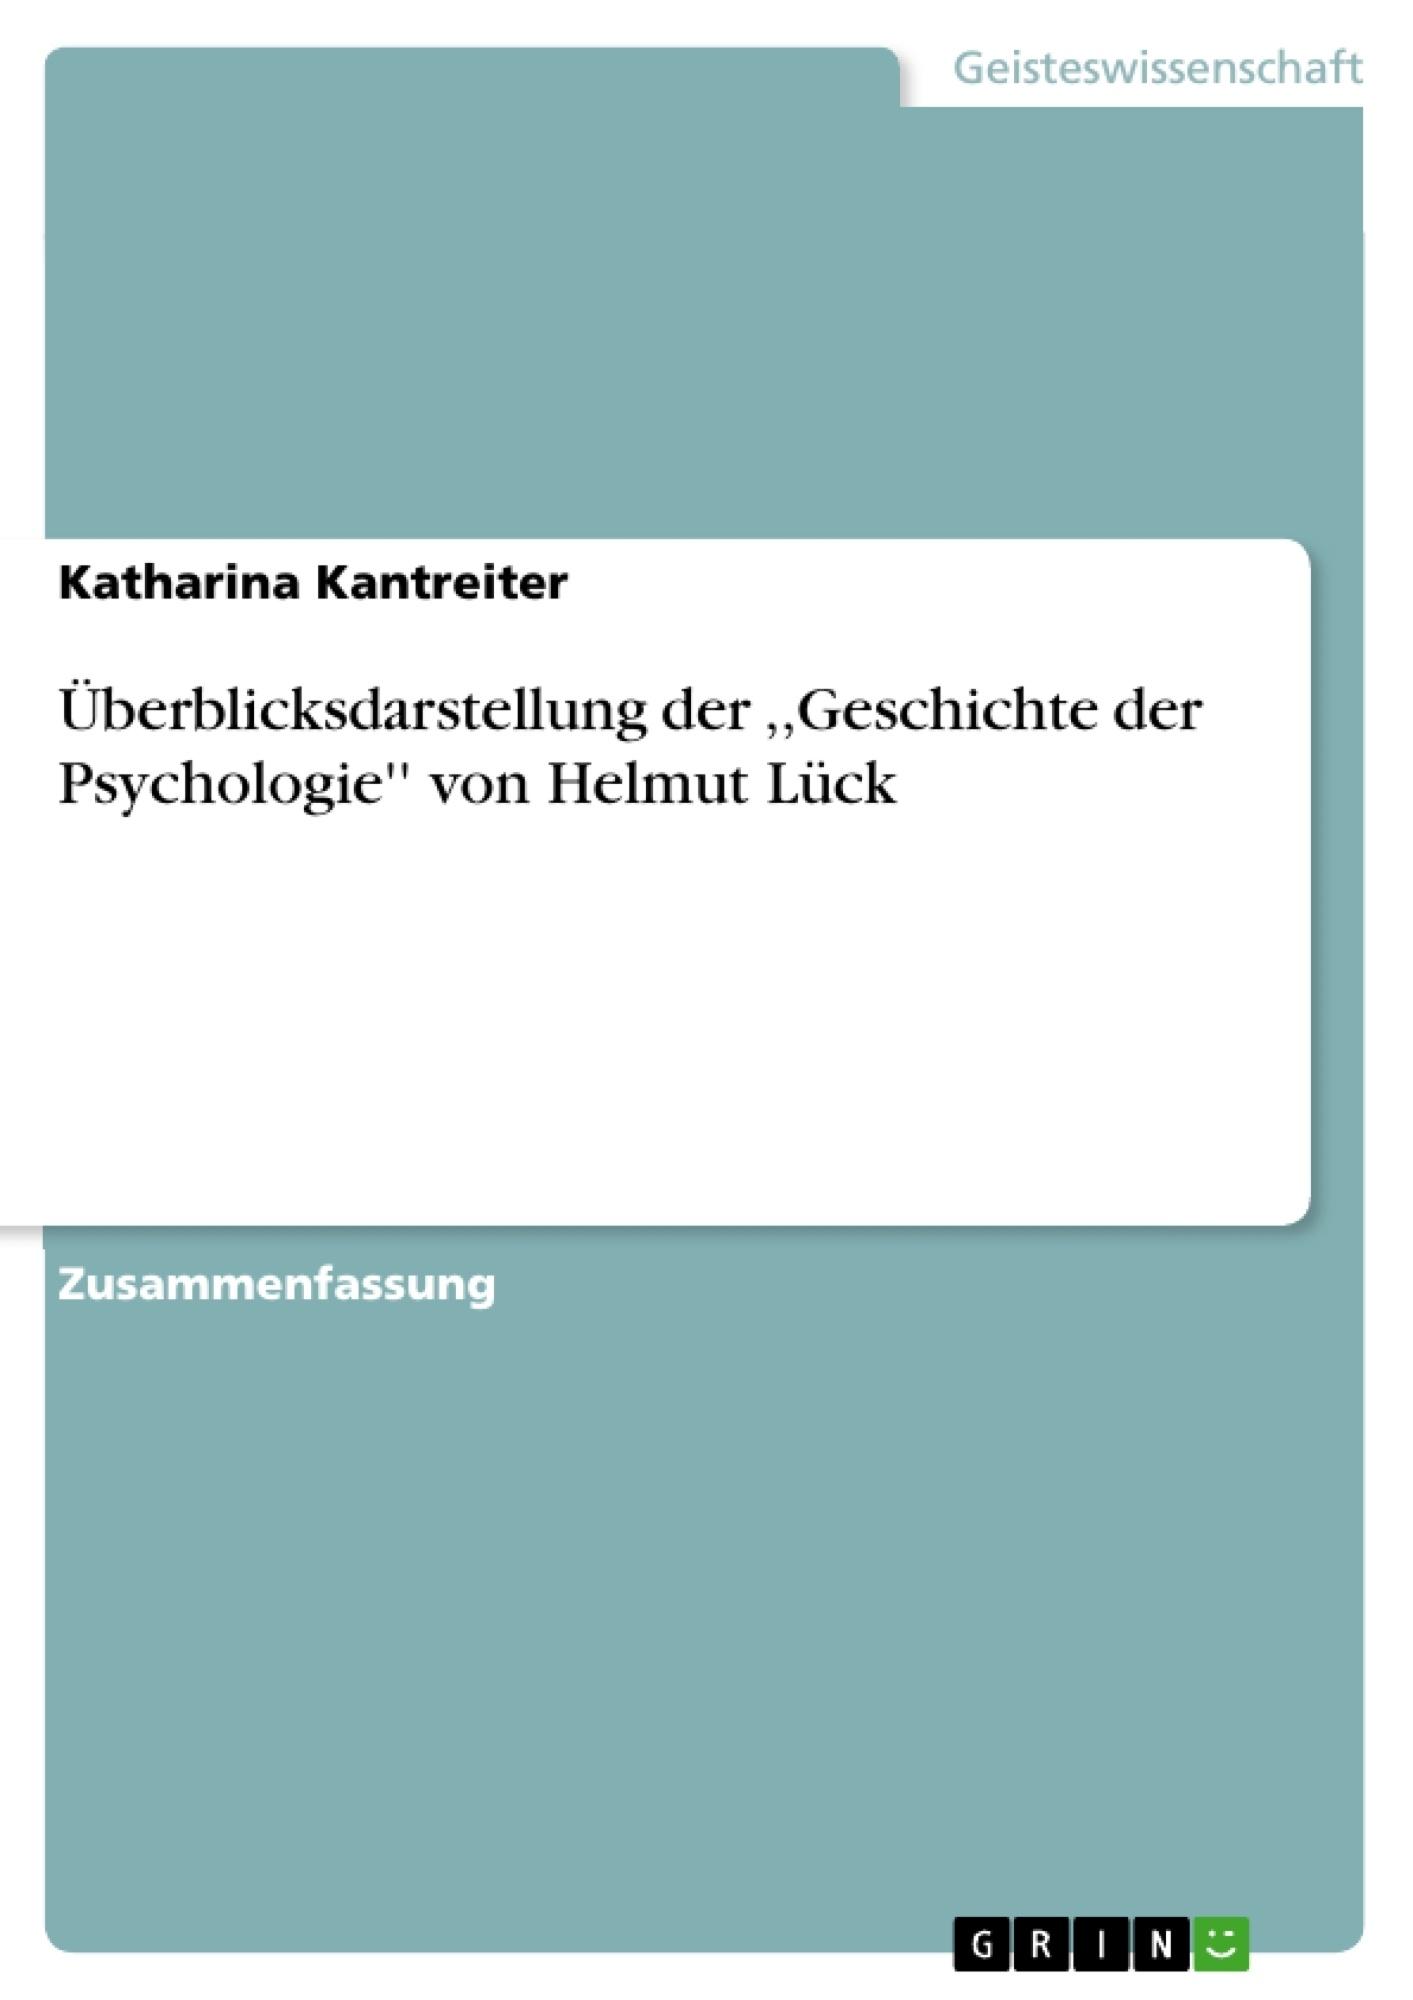 Titel: Überblicksdarstellung der ,,Geschichte der Psychologie'' von Helmut Lück